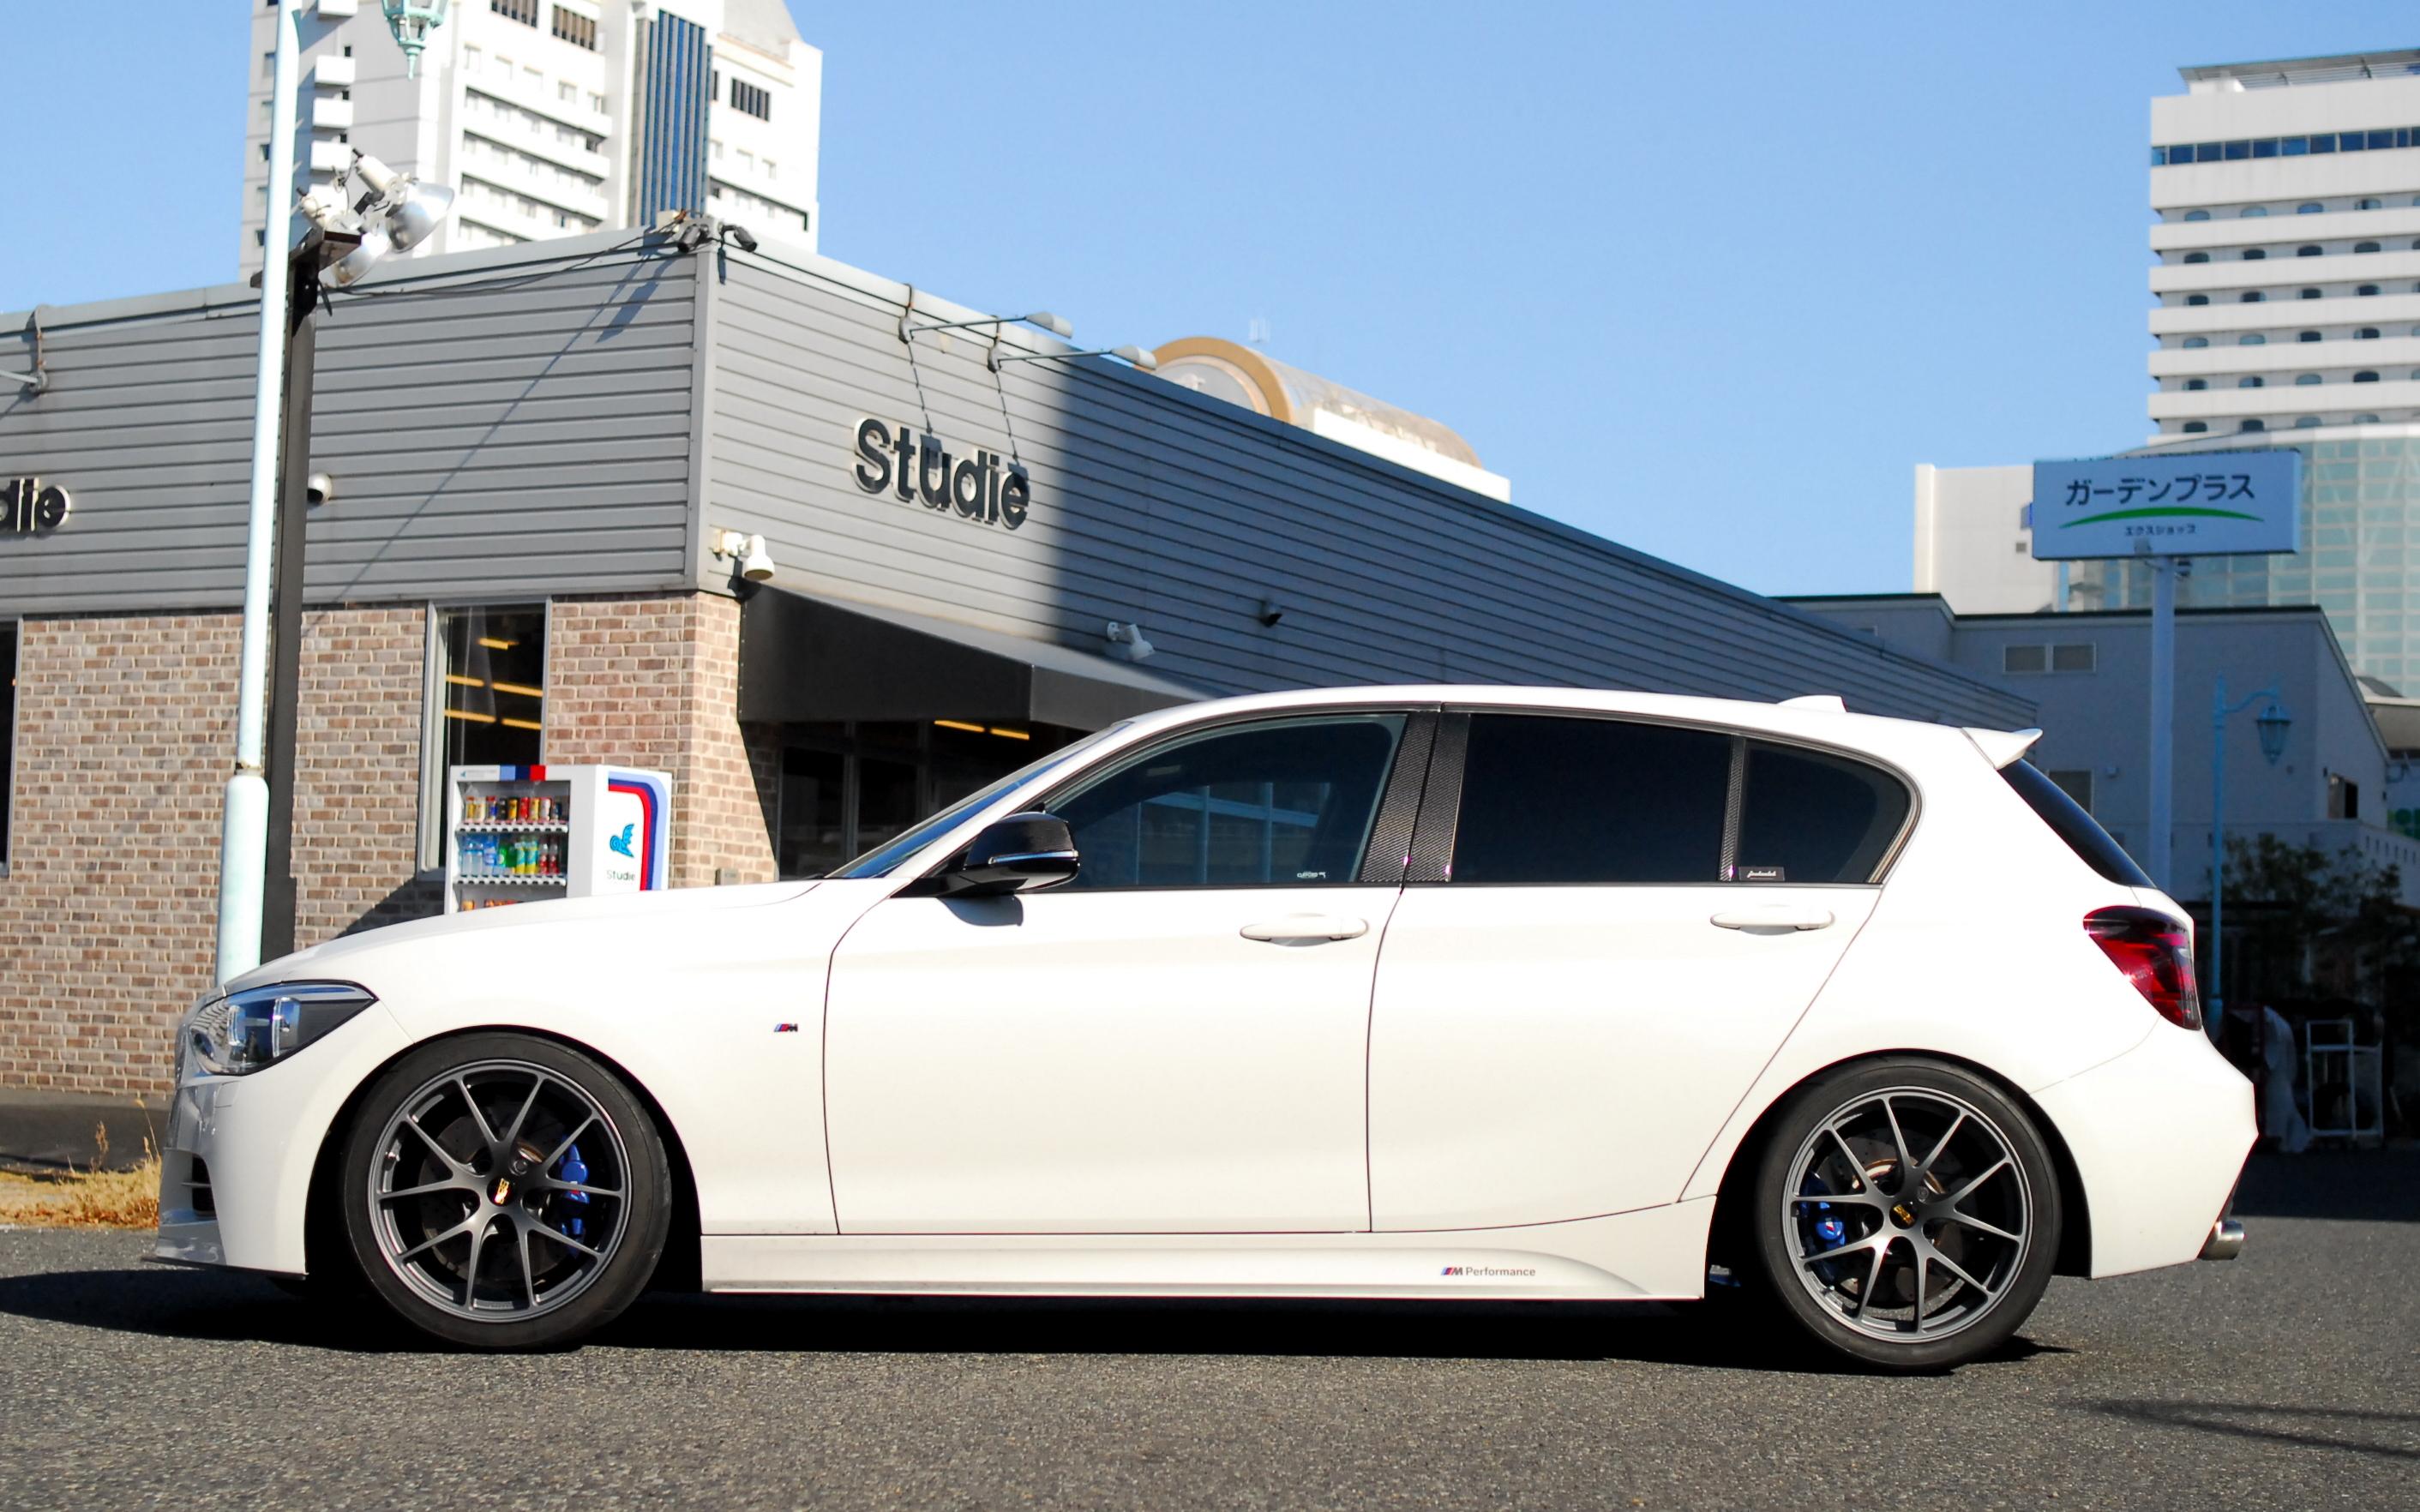 神戸店遠藤ブログ!BMW専門店Studie(スタディ)では、BMW全てのシリーズのカスタマイズ、ドレスアップ、車検、点検、オイル交換、タイヤ交換、BMWに関わる事はなんでもご利用頂けるBMW専門ショップです。